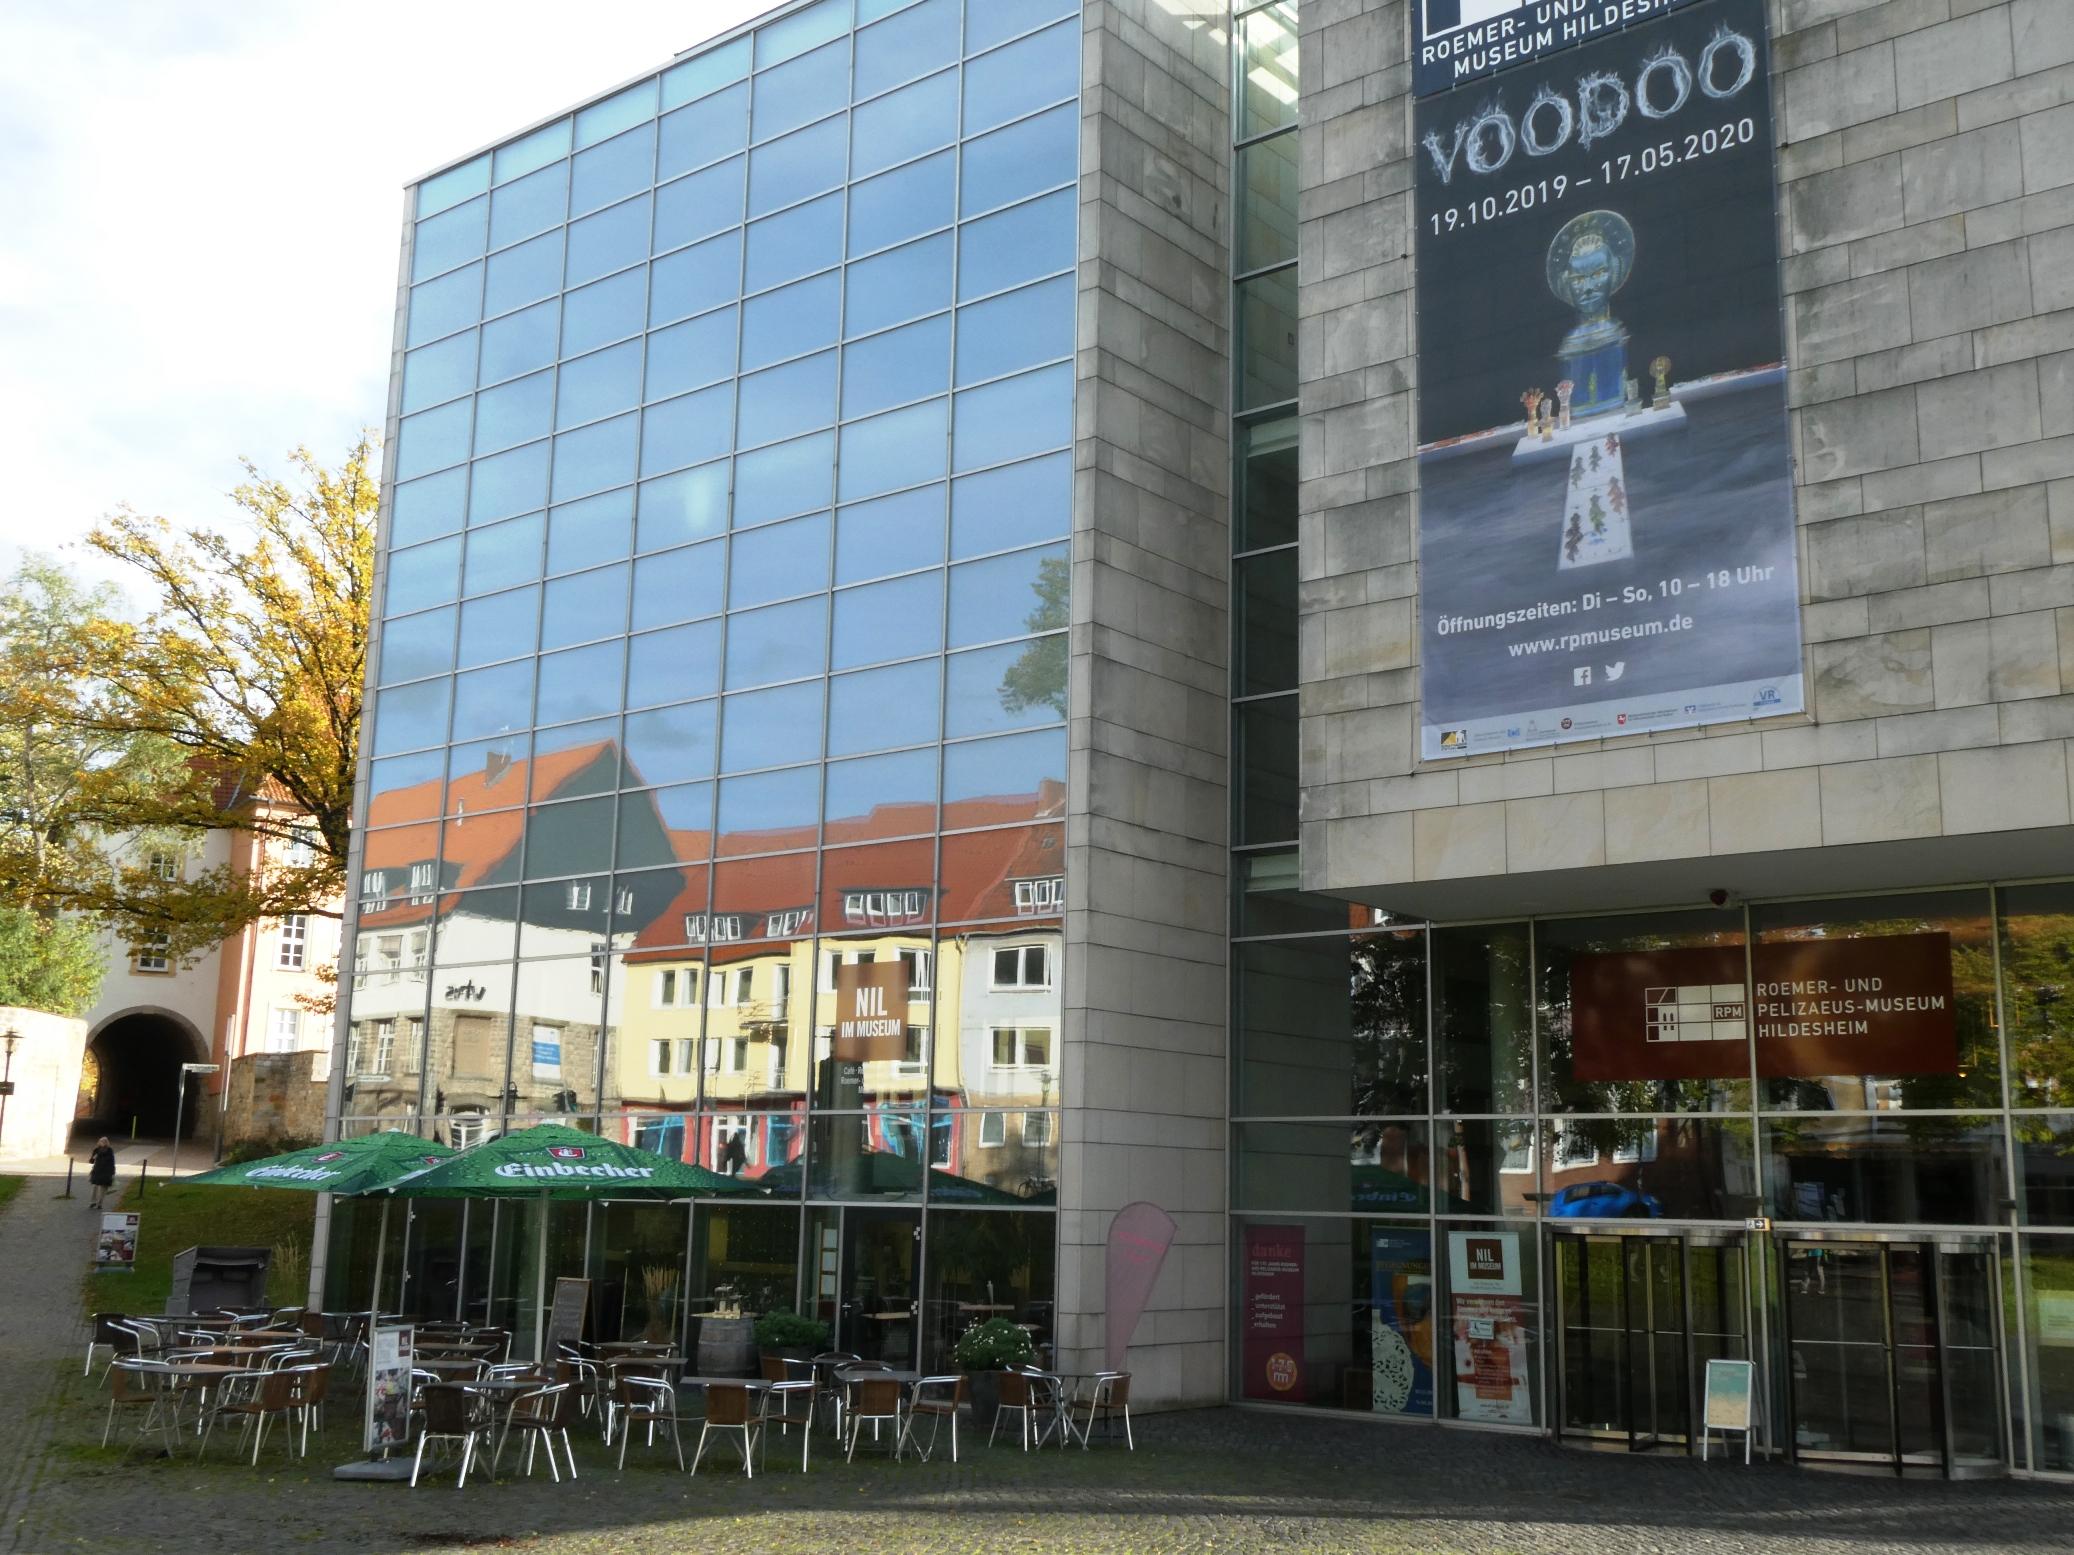 Hildesheim Roemer und Pael P1030794